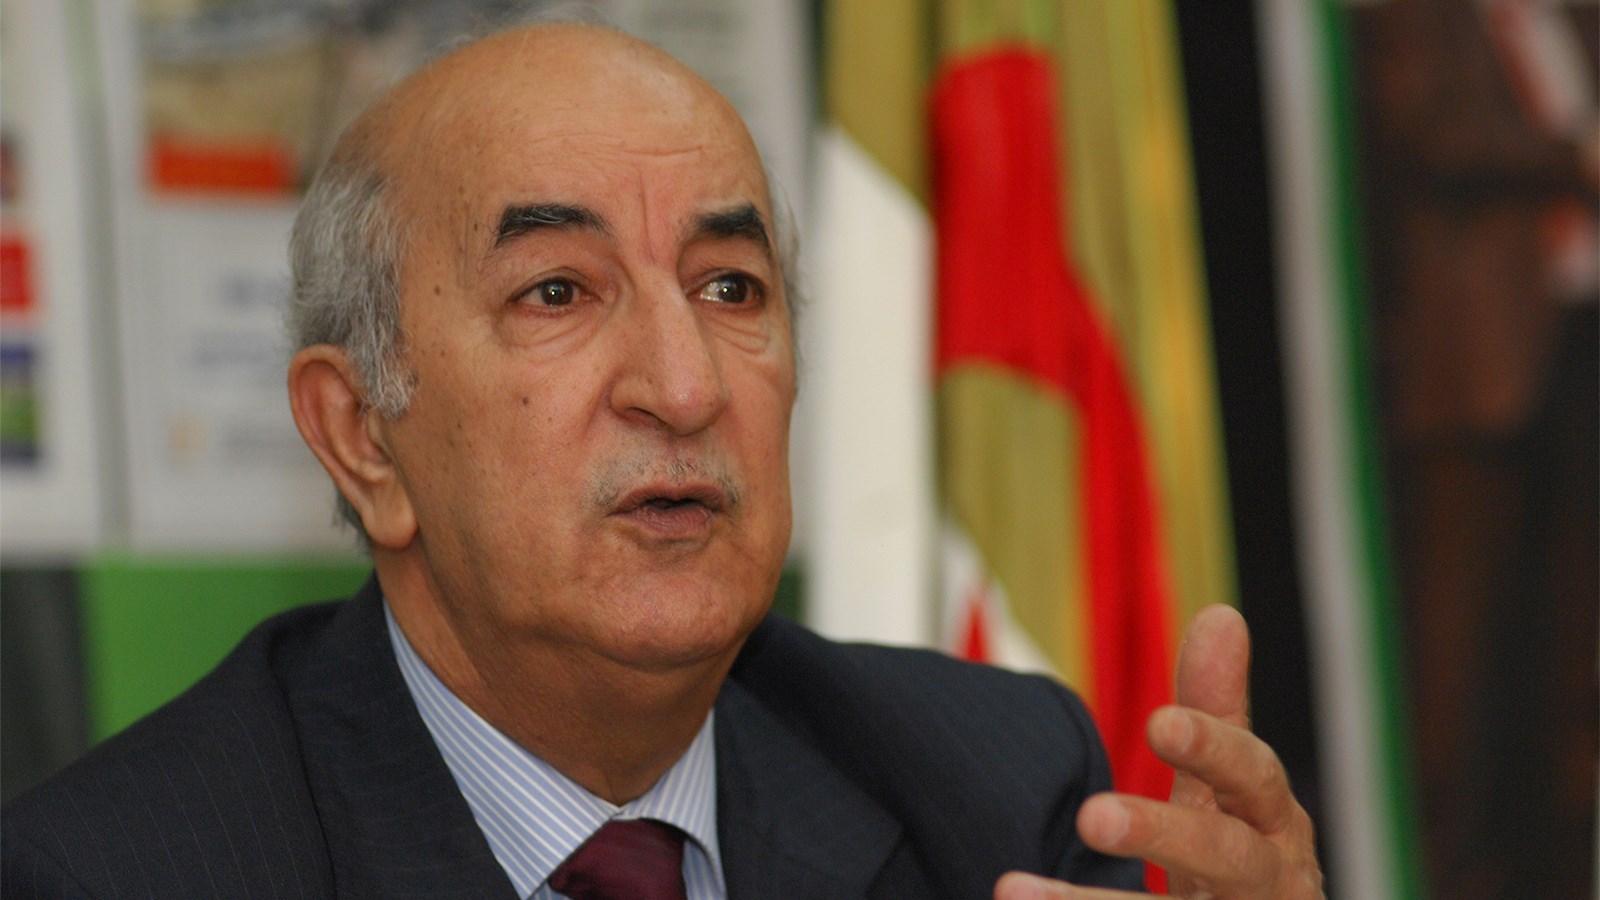 الرئيس الجزائري بدأ حجراً صحياً السبت للاشتباه بإصابته بفيروس كورونا